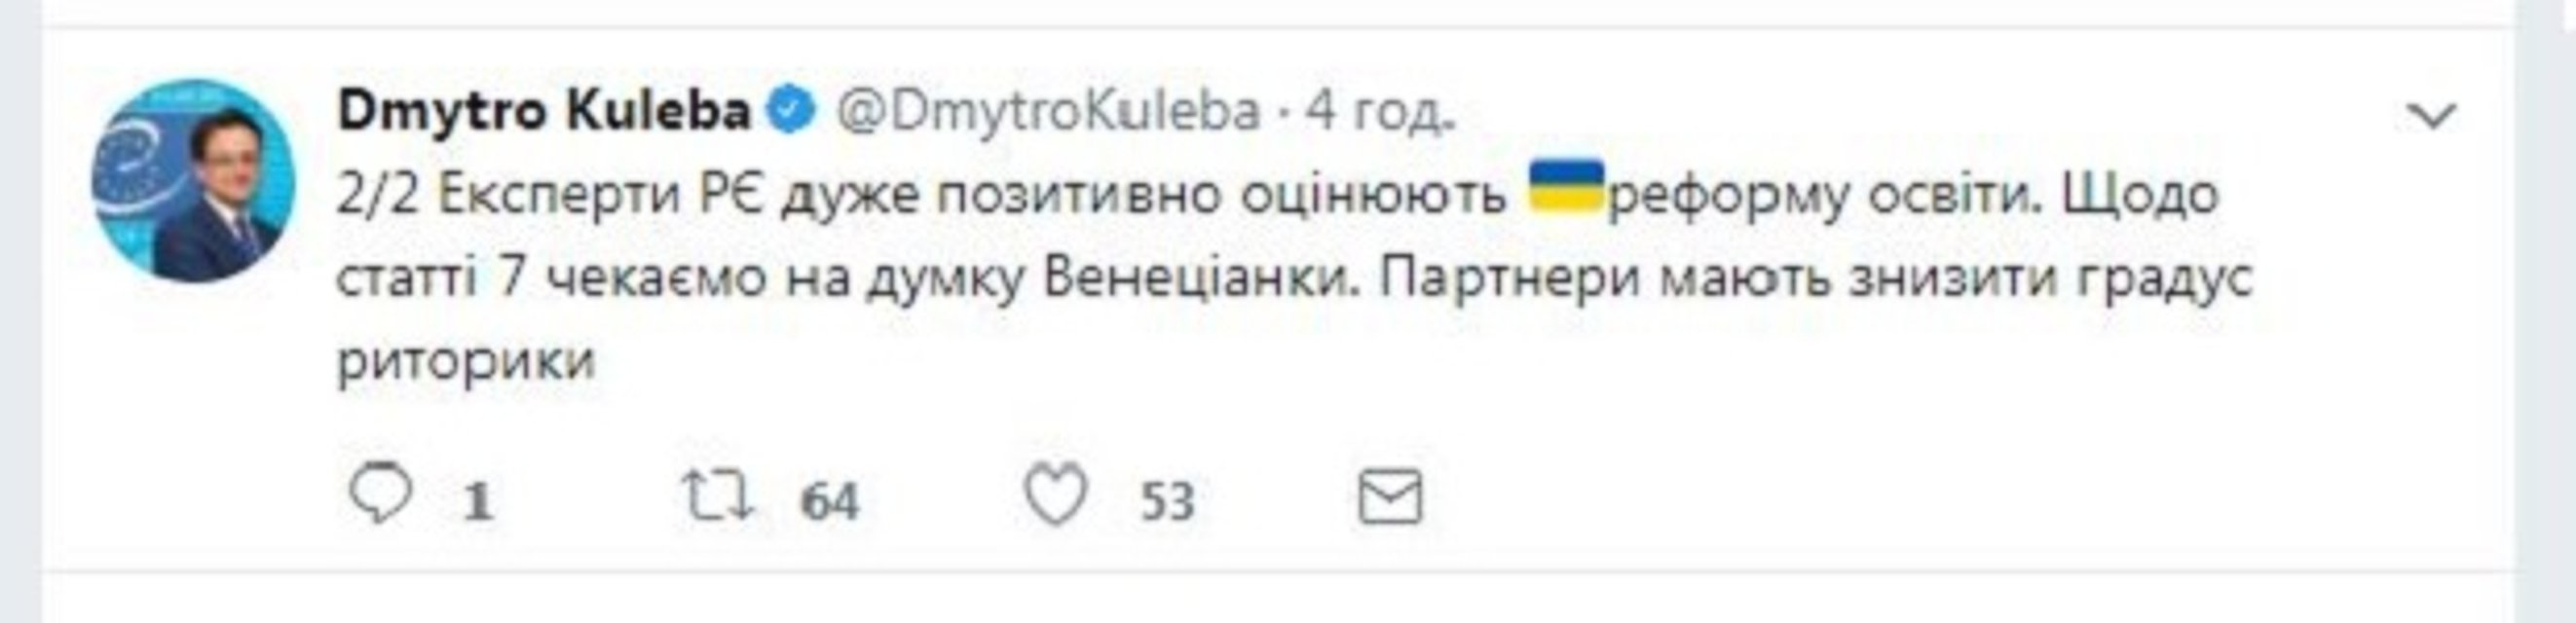 Совету Европы понравился украинский закон об образовании - фото 79510